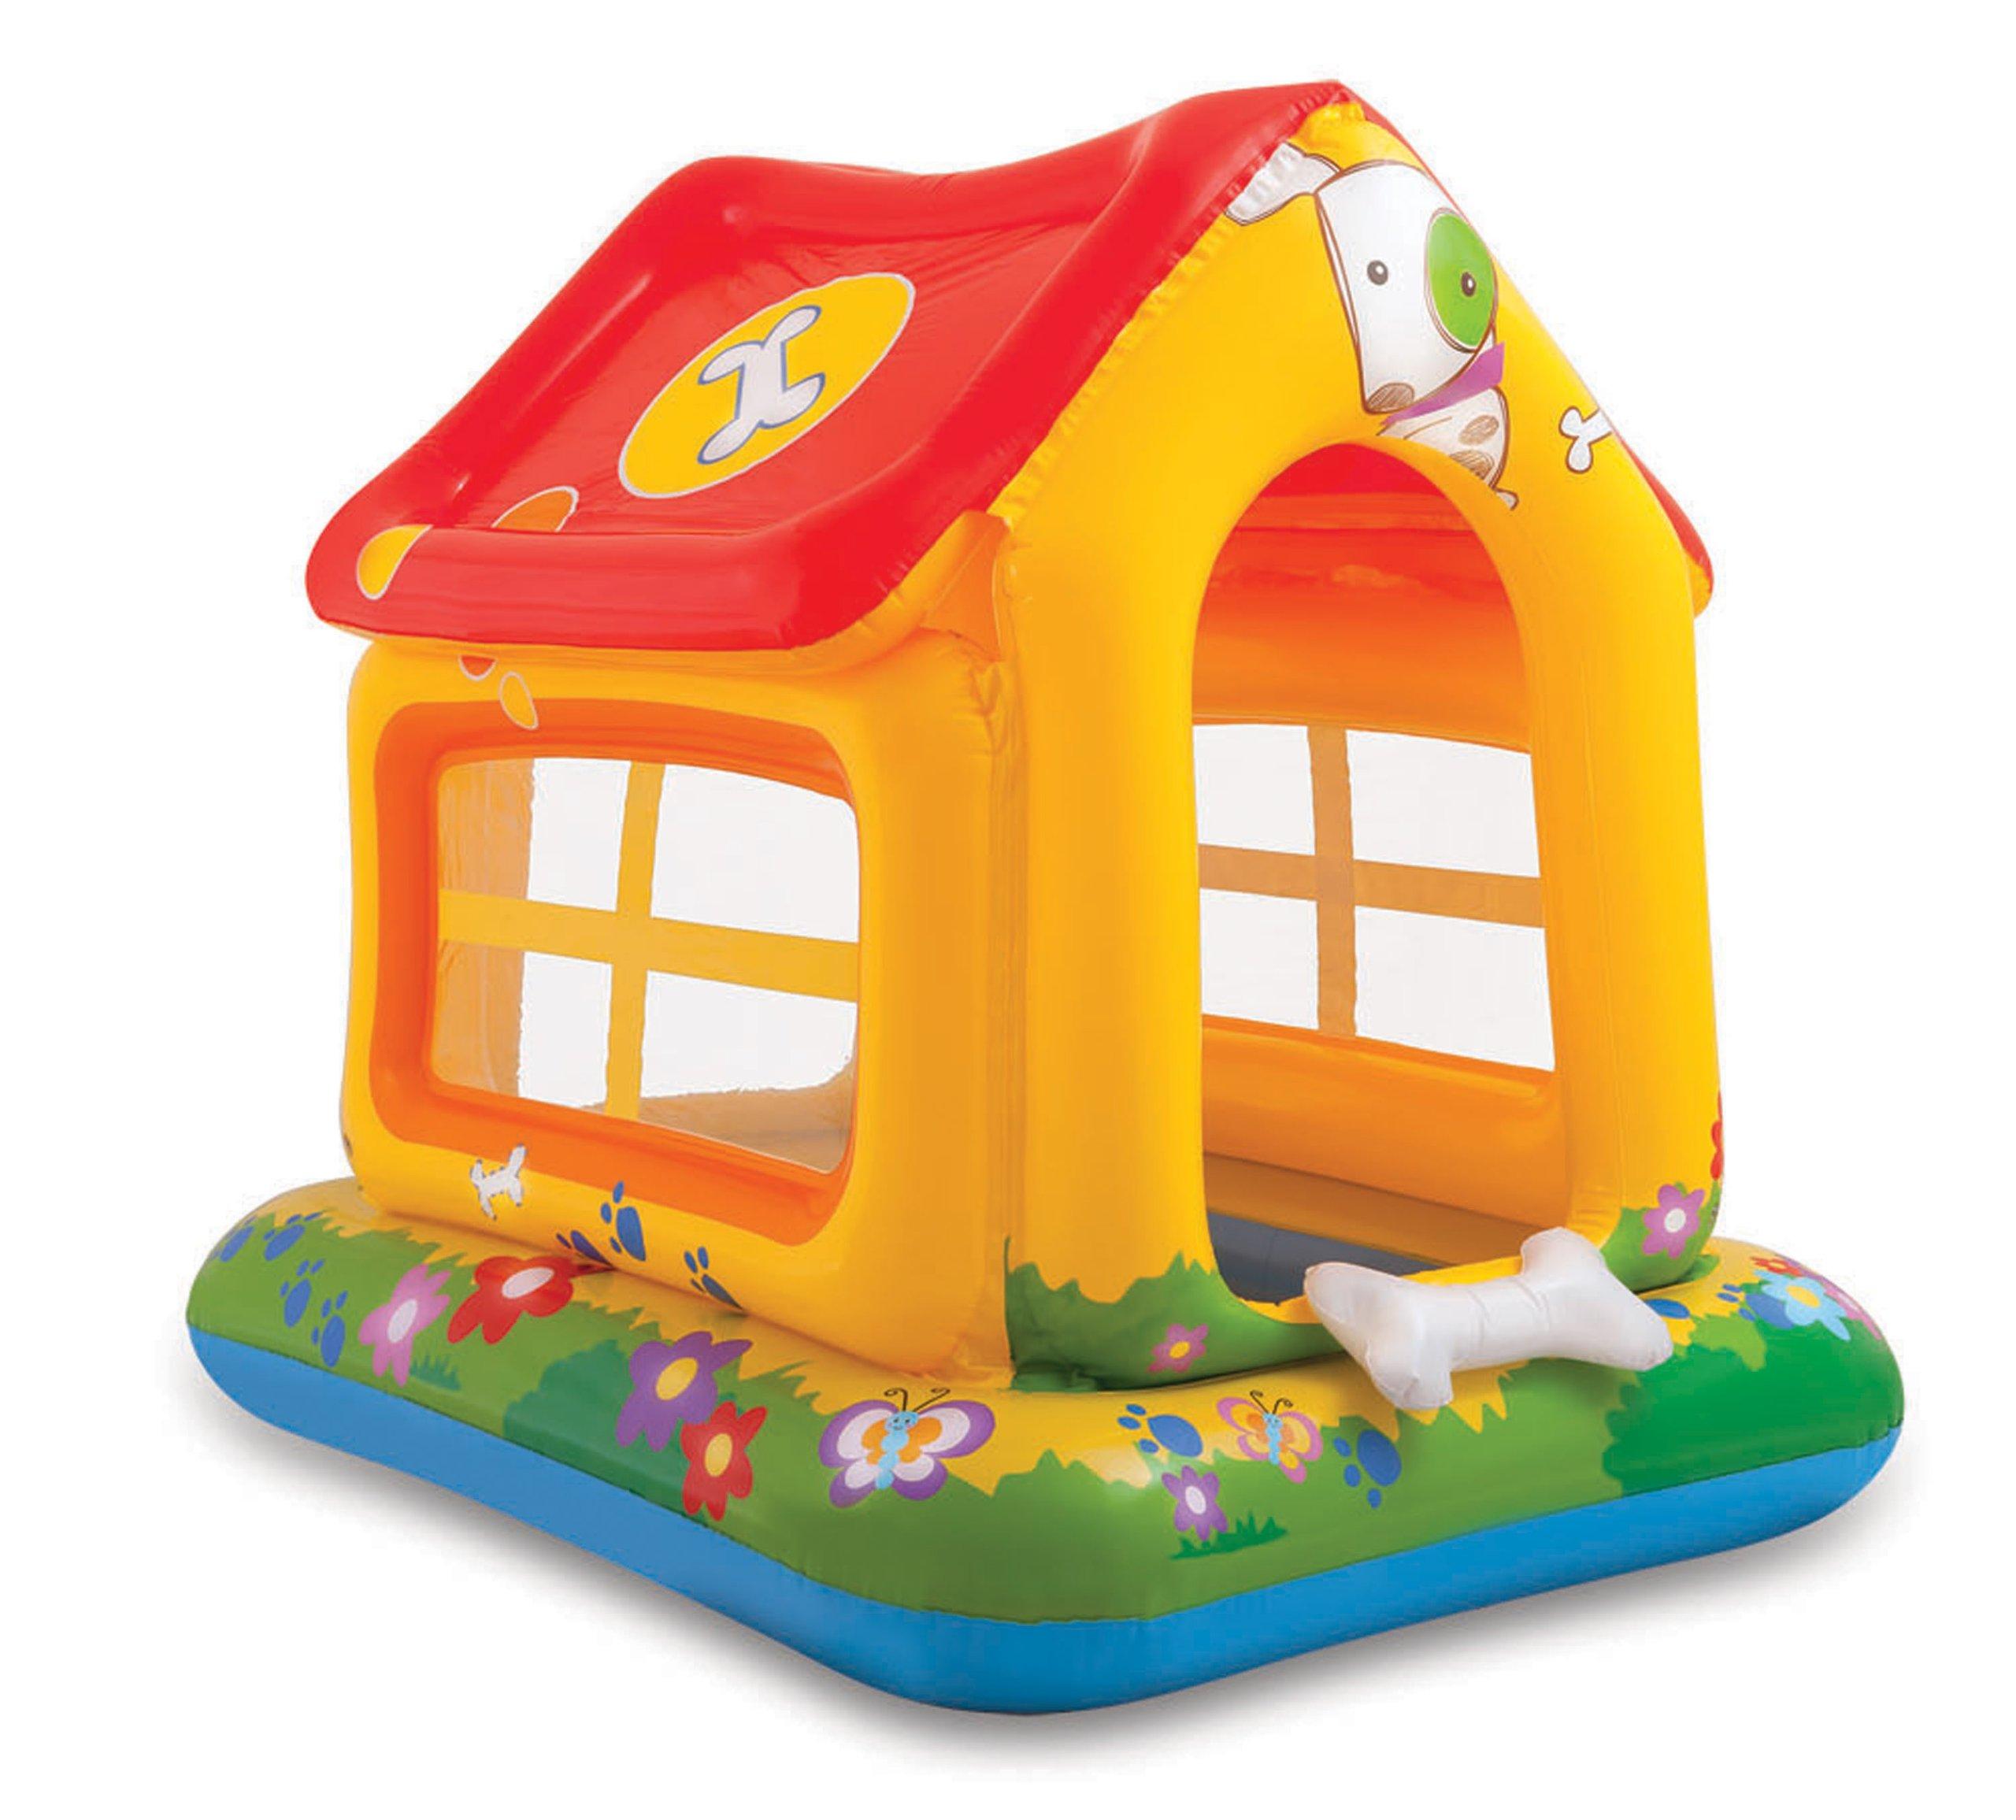 Intex 57429 - Piscina para bebé hinchable con diseño de casita ...